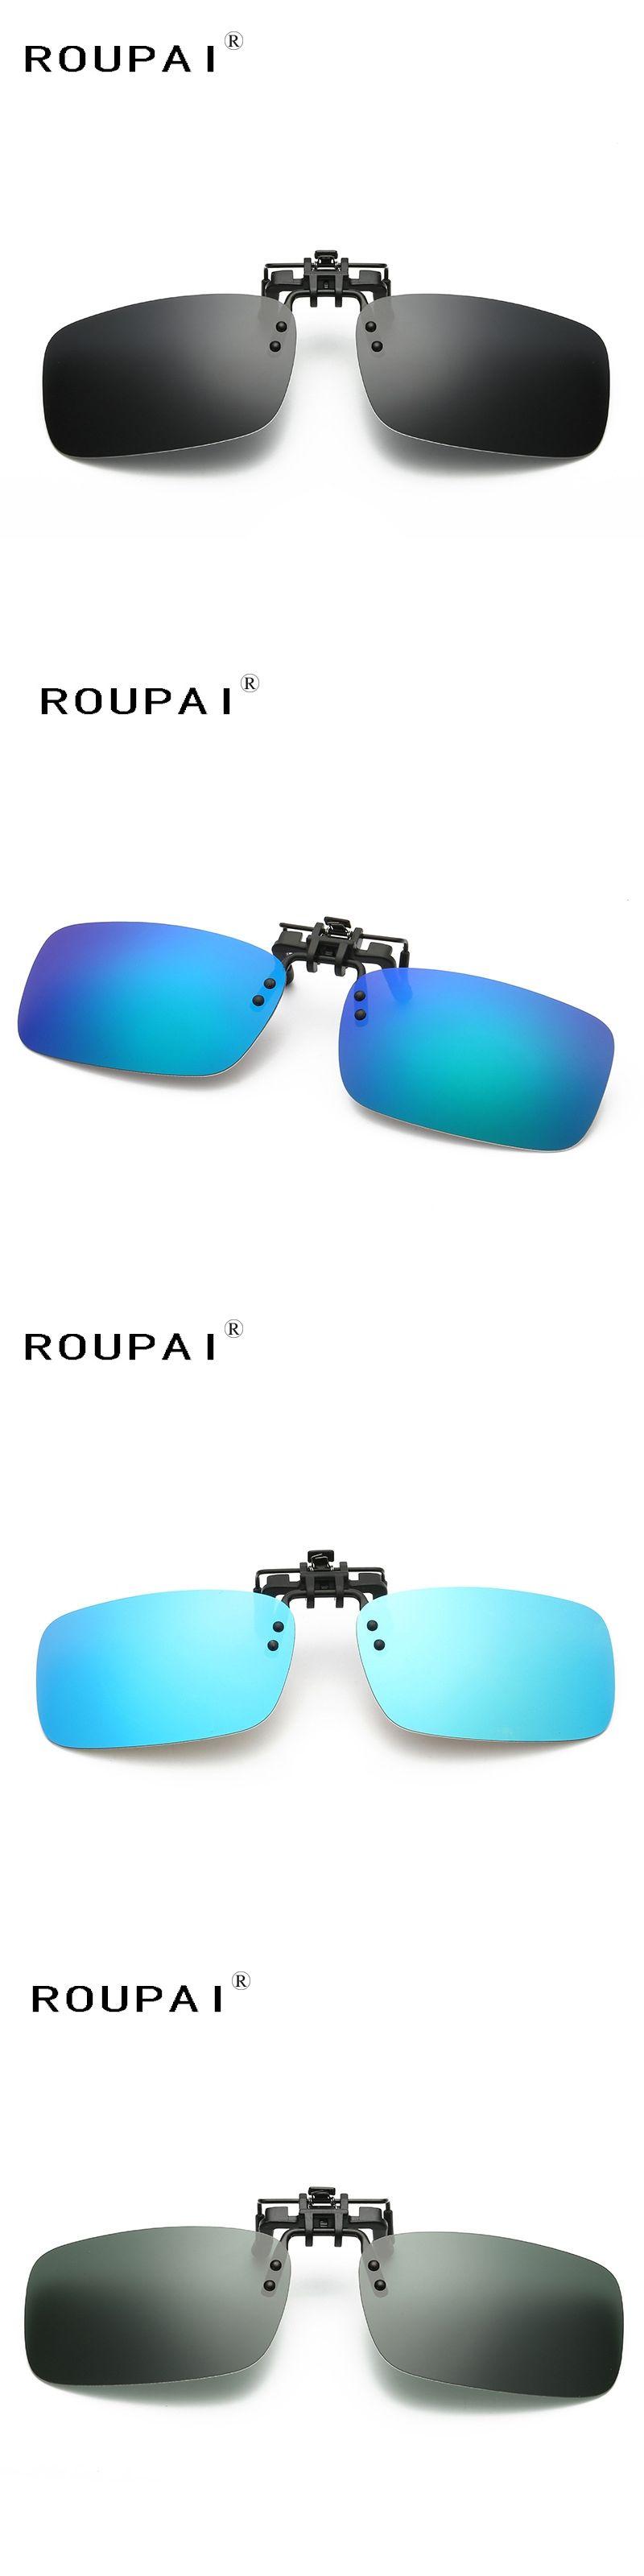 c7abecd1ce Brand Eyeglasses Frame Clip on sunglasses Polarized Lens Men Women Coating Myopia  Clip Sun Glasses